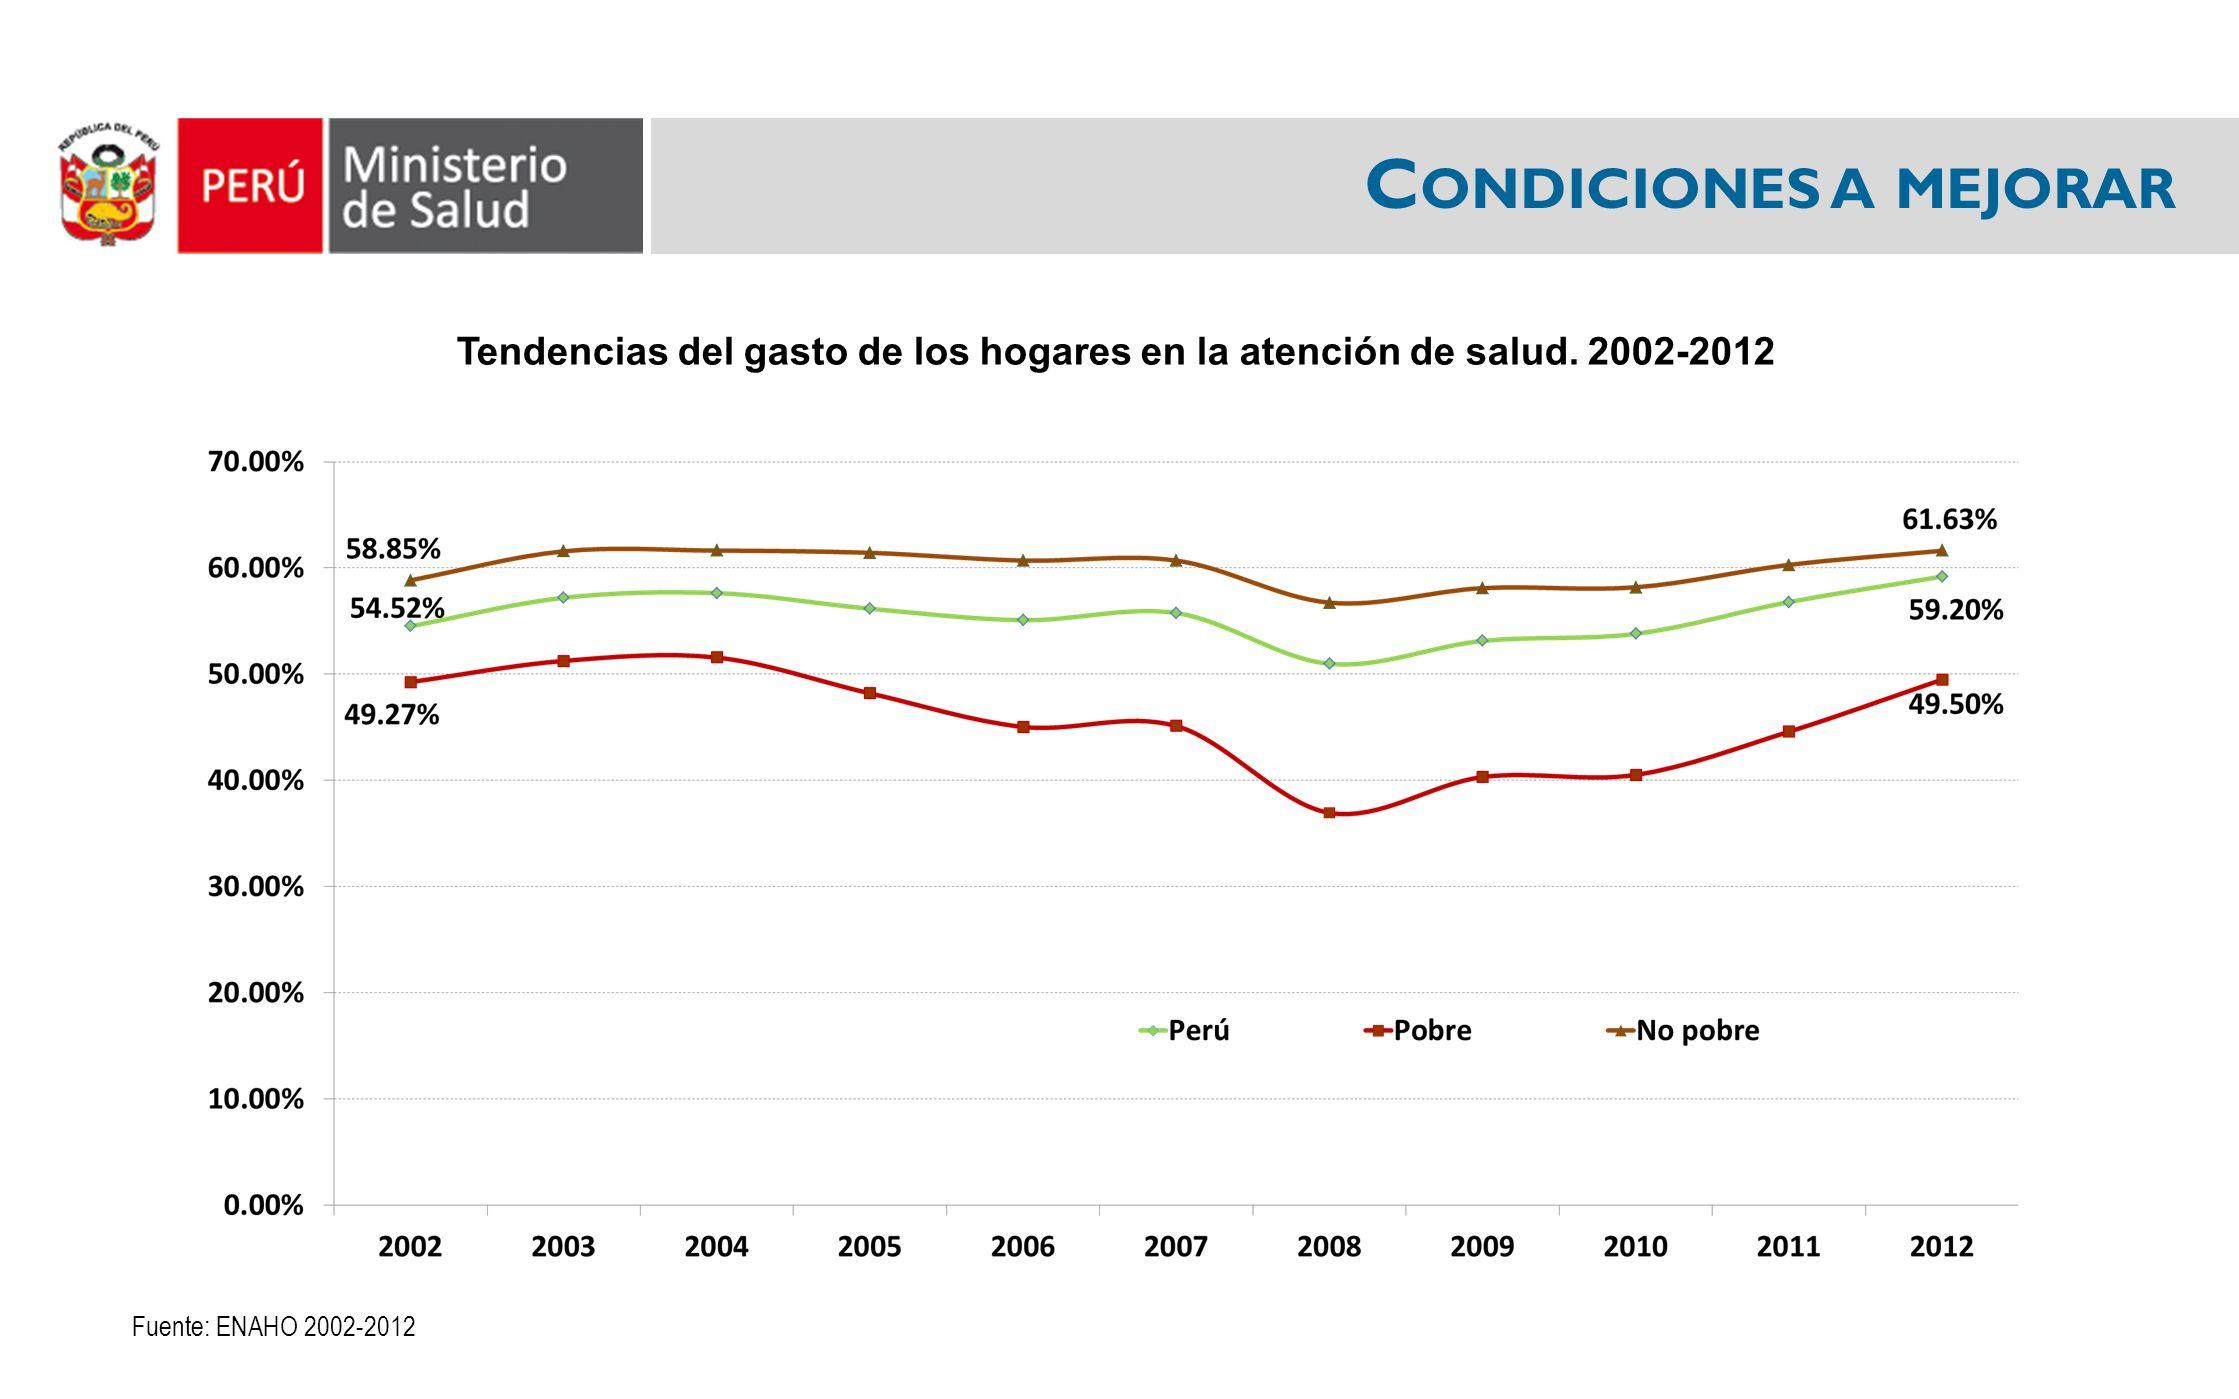 Tendencias del gasto de los hogares en la atención de salud. 2002-2012 Fuente: ENAHO 2002-2012 C ONDICIONES A MEJORAR